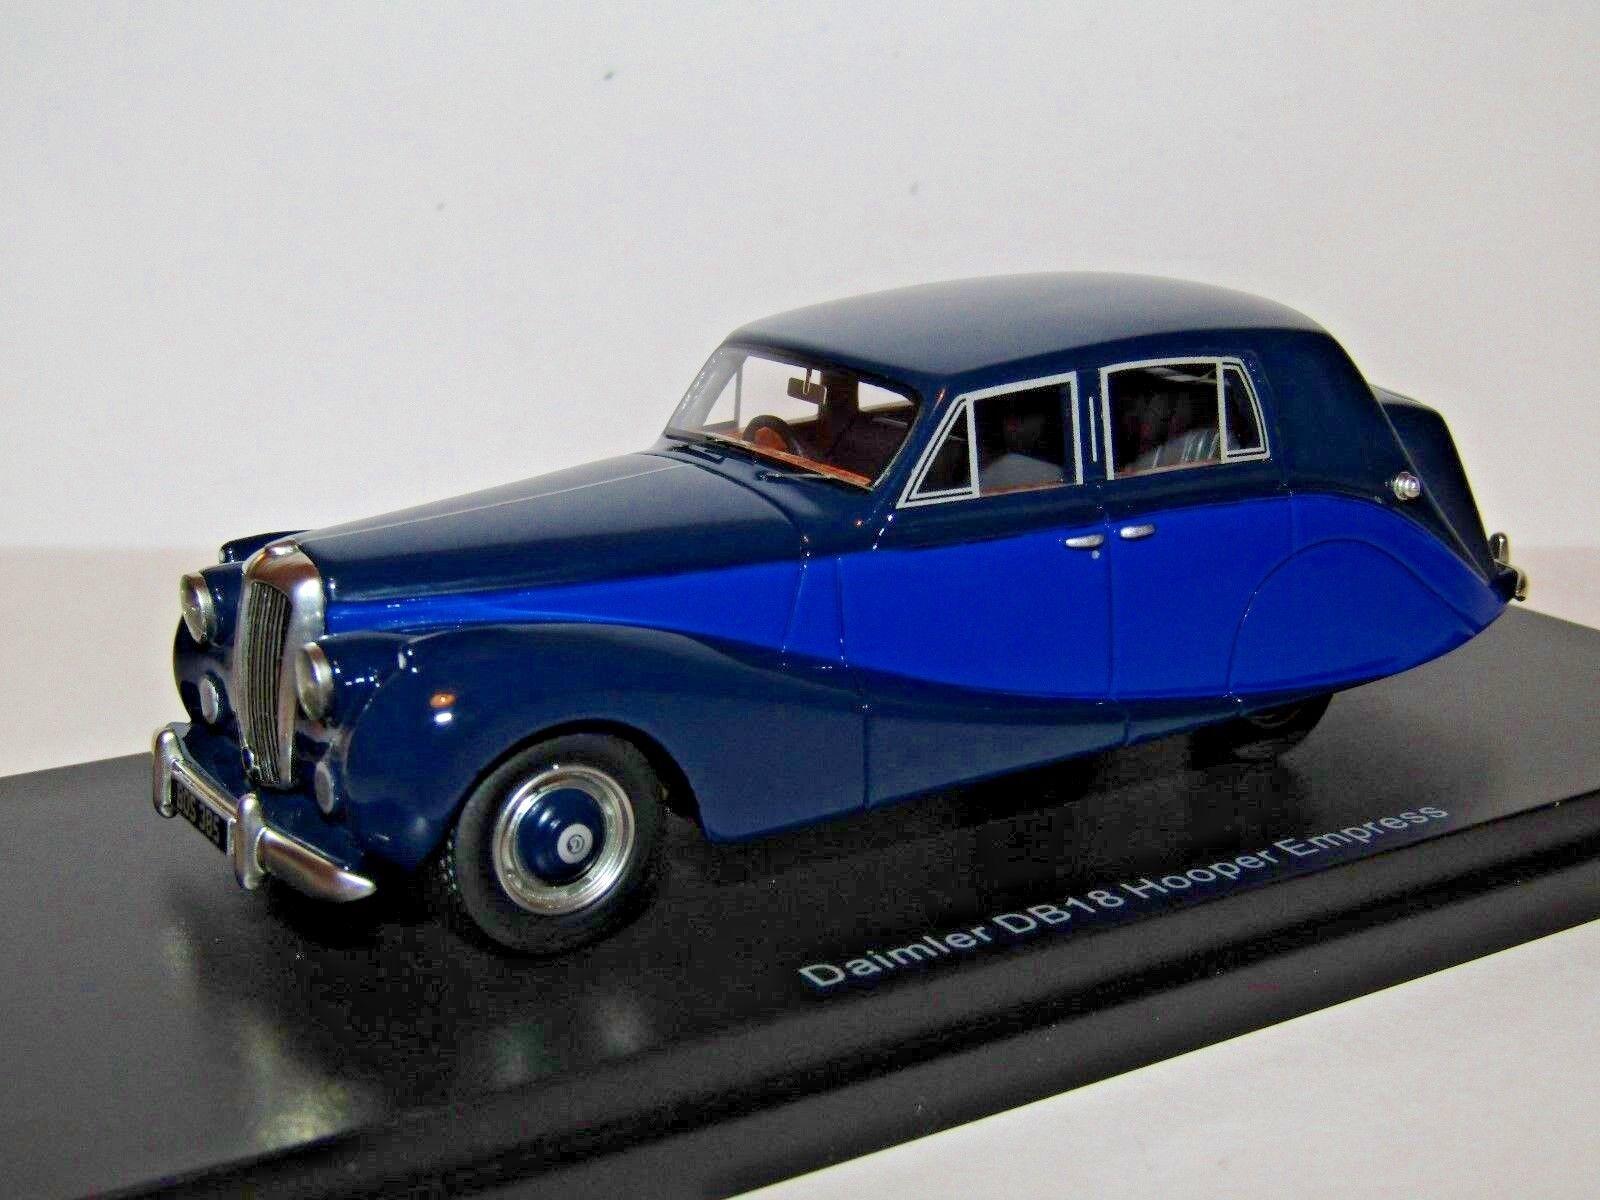 BOS DAIMLER DB18 HOOPER EMPRESS blueE DARK blueE 1 43 RESIN BOS43385 BEST OF SHOW